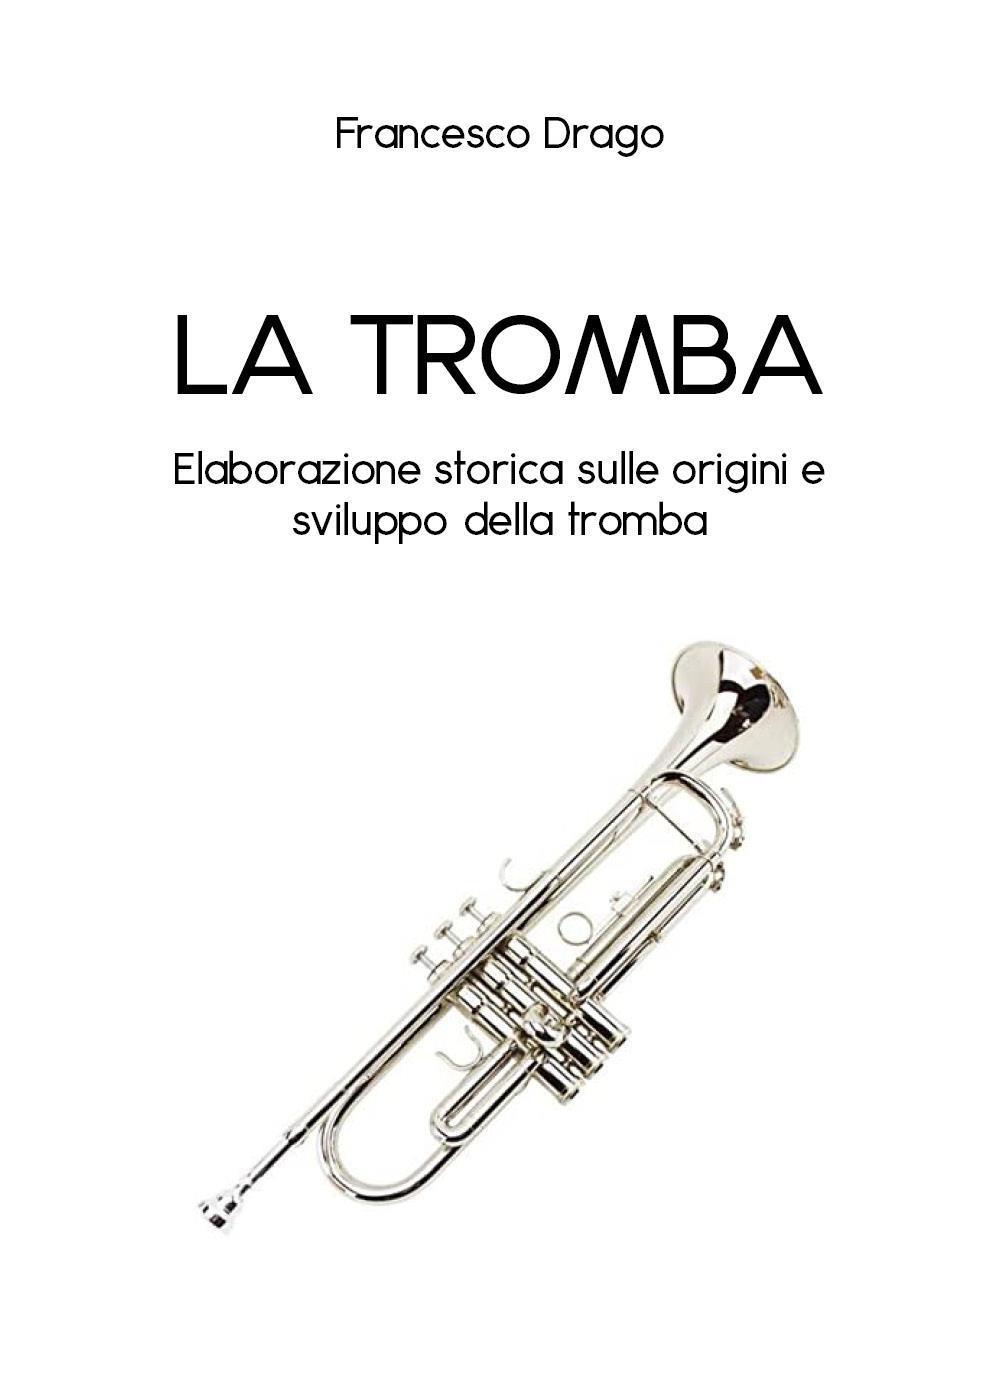 La tromba. Elaborazione storica sulle origini e sviluppo della tromba